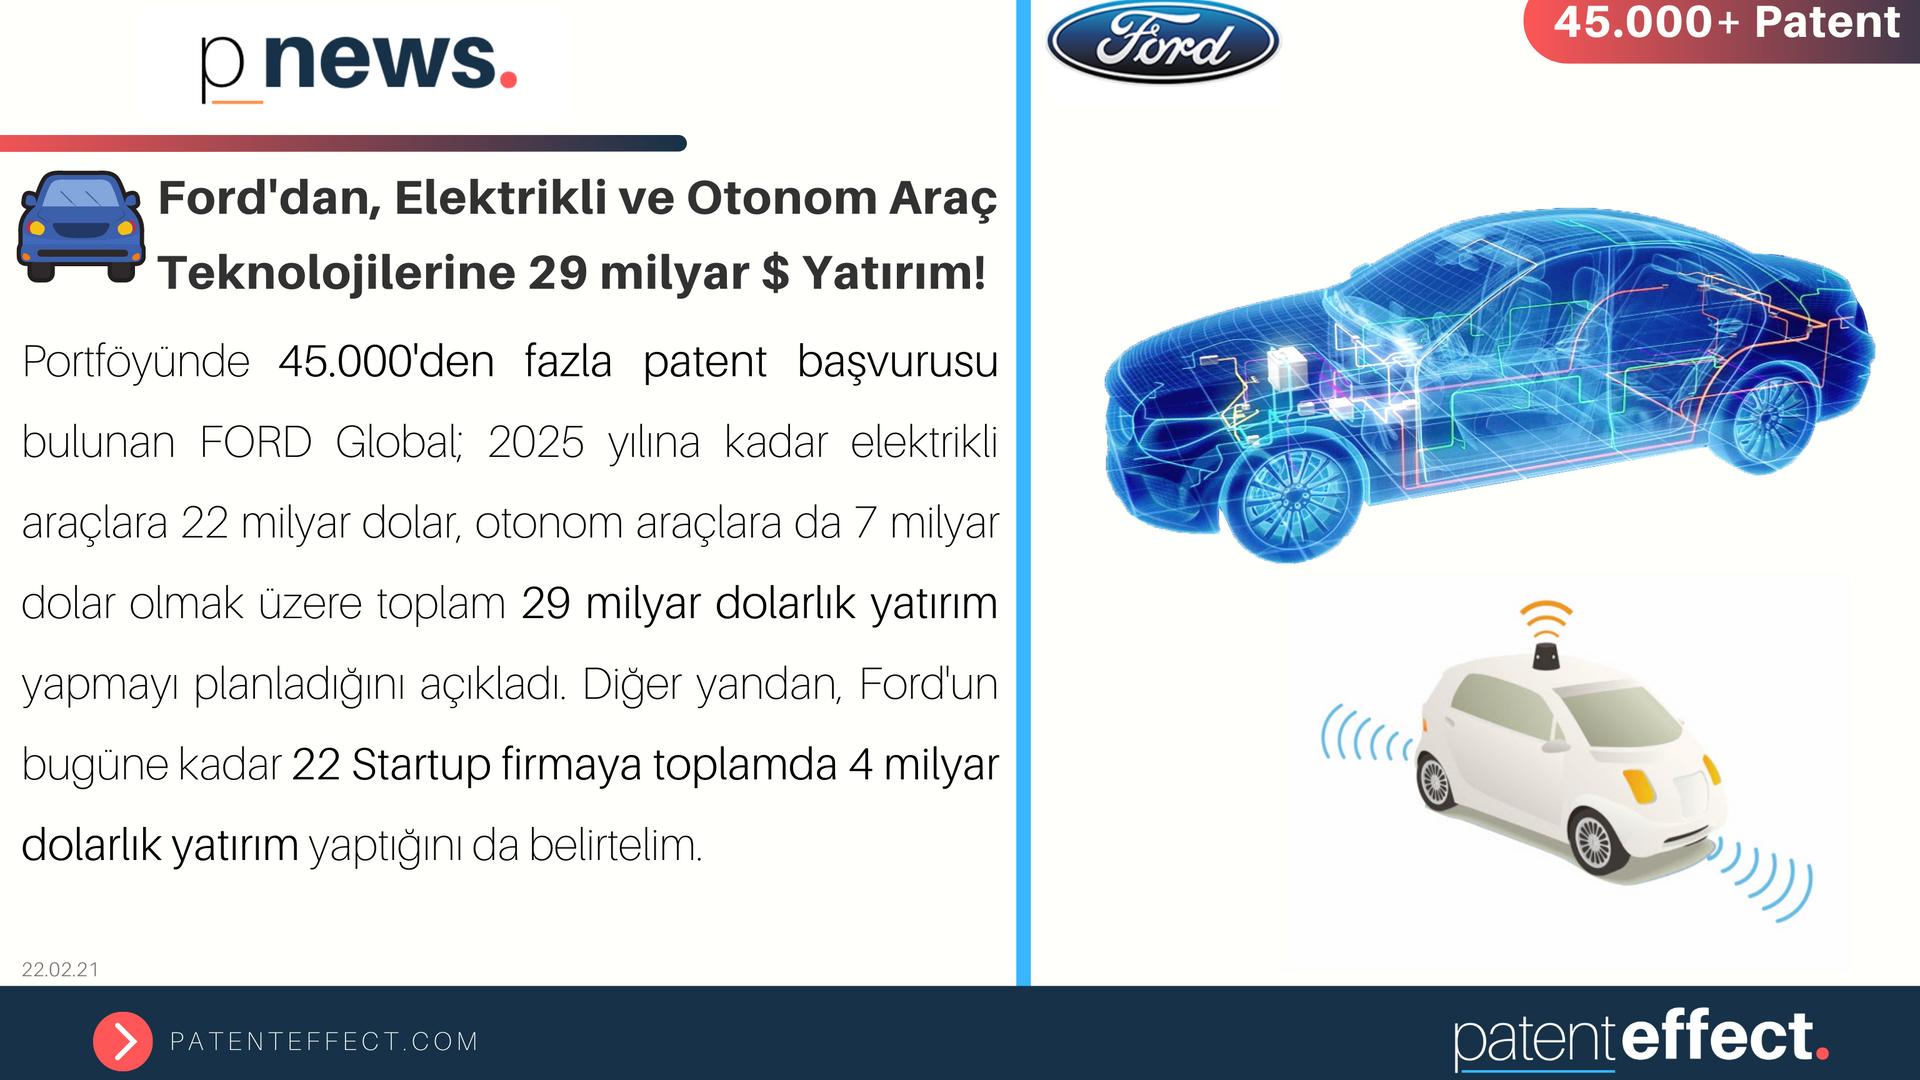 Ford'dan, Elektrikli ve Otonom Araç Teknolojilerine 29 milyar $ Yatırım!